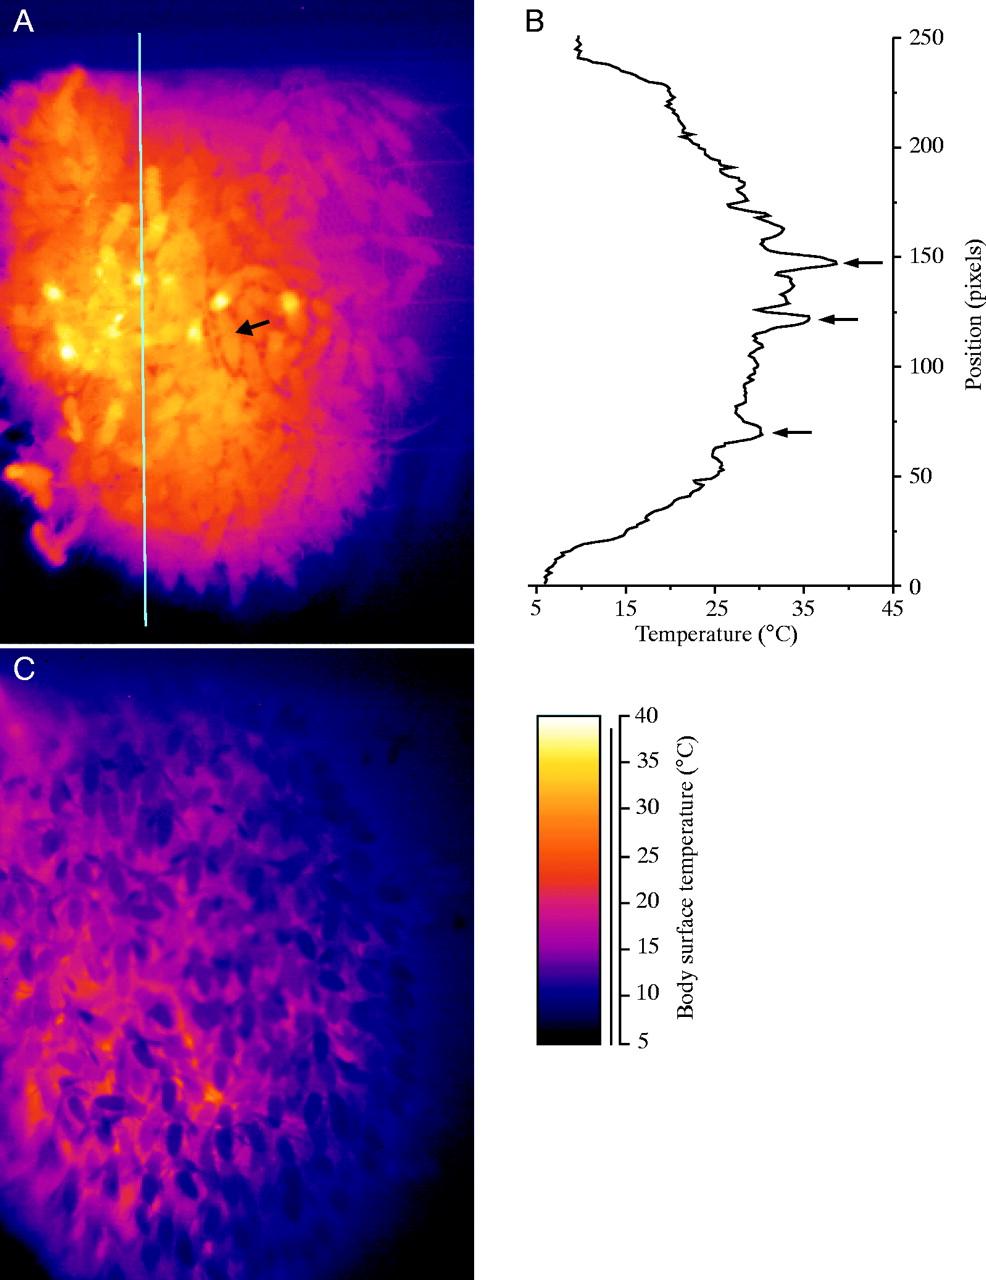 Υπέρυθρο θερμόγραμμα μελισσόσφαιρας με απουσια γόνου τον χειμώνα με θερμοκρασία περιβάλλοντος 5°C και κάτω. © The Company of Biologists Limited 2003